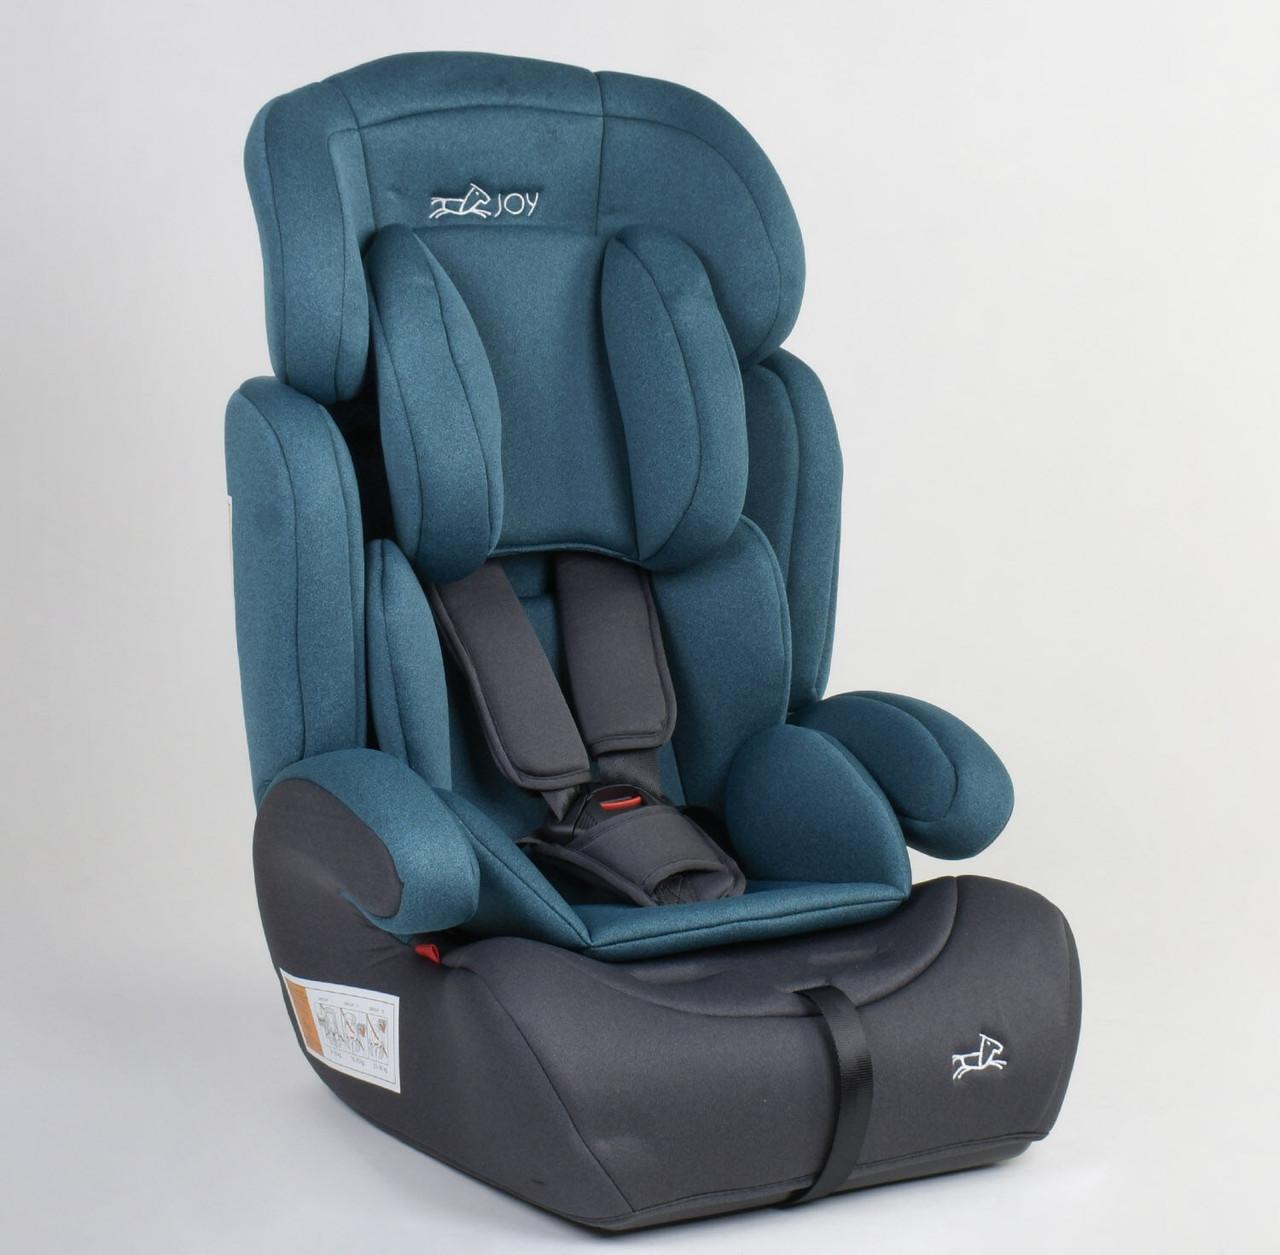 Детское автокресло JOY 82406 голубой 86416